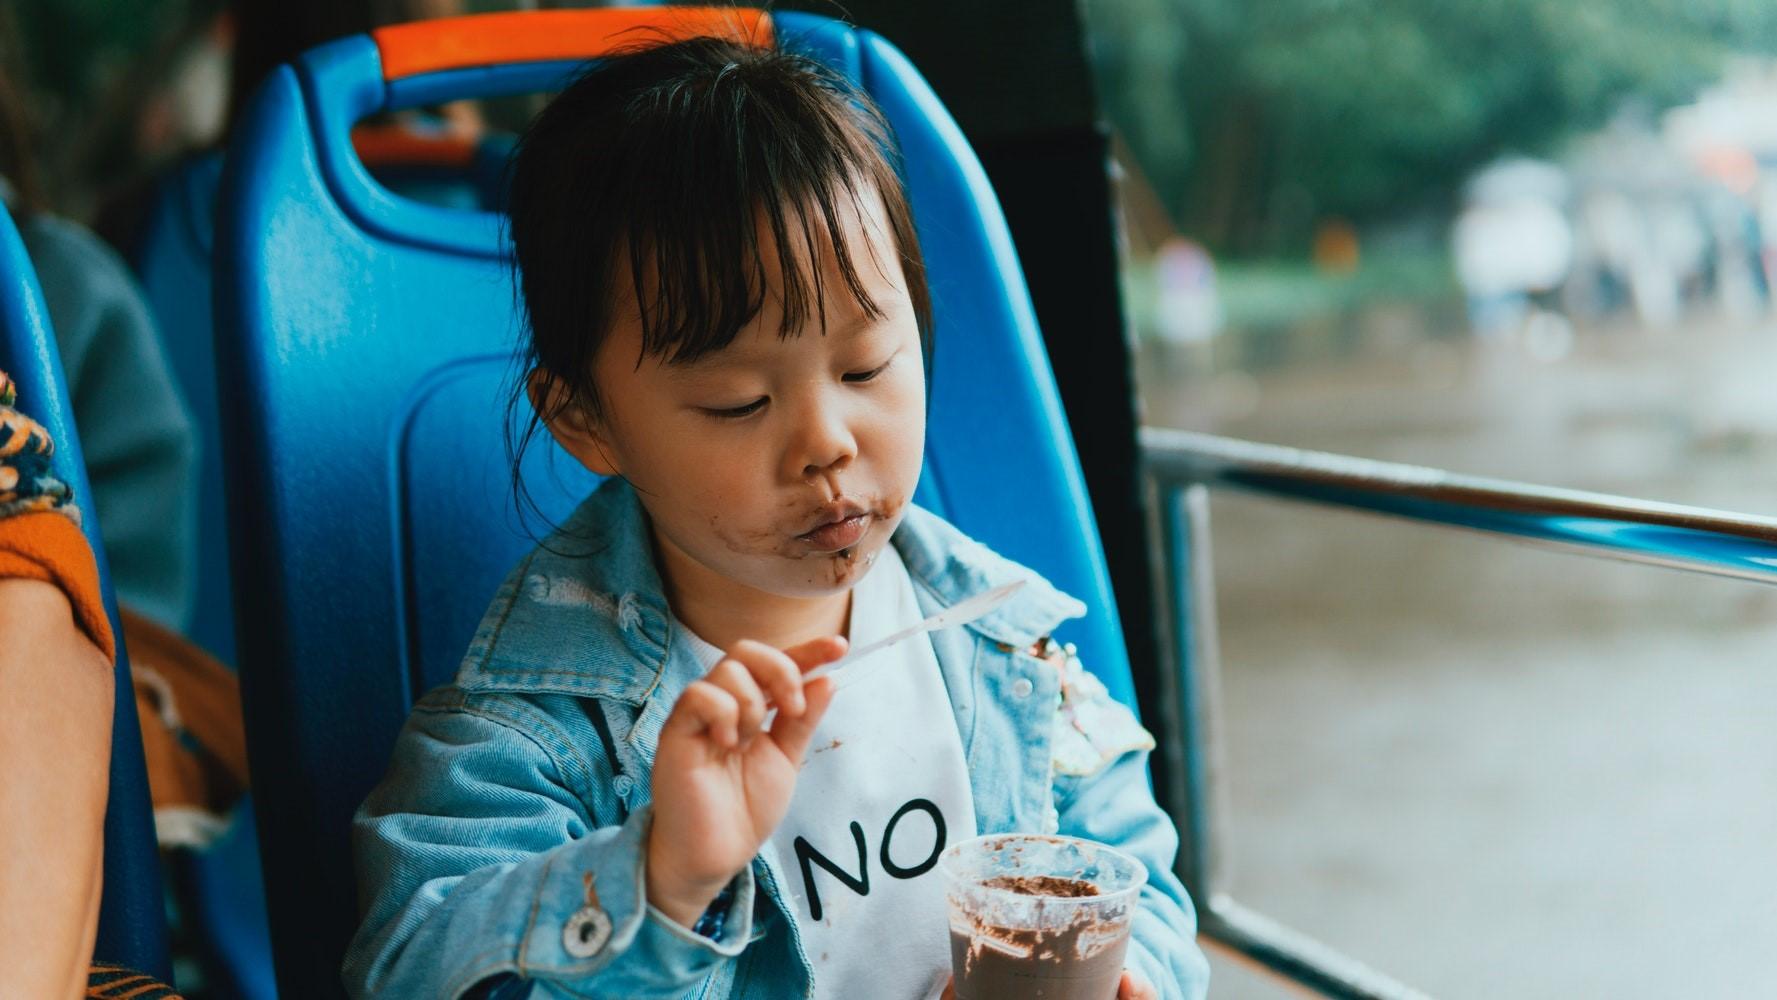 Gejala Diabetes pada Anak yang Harus Diwaspadai